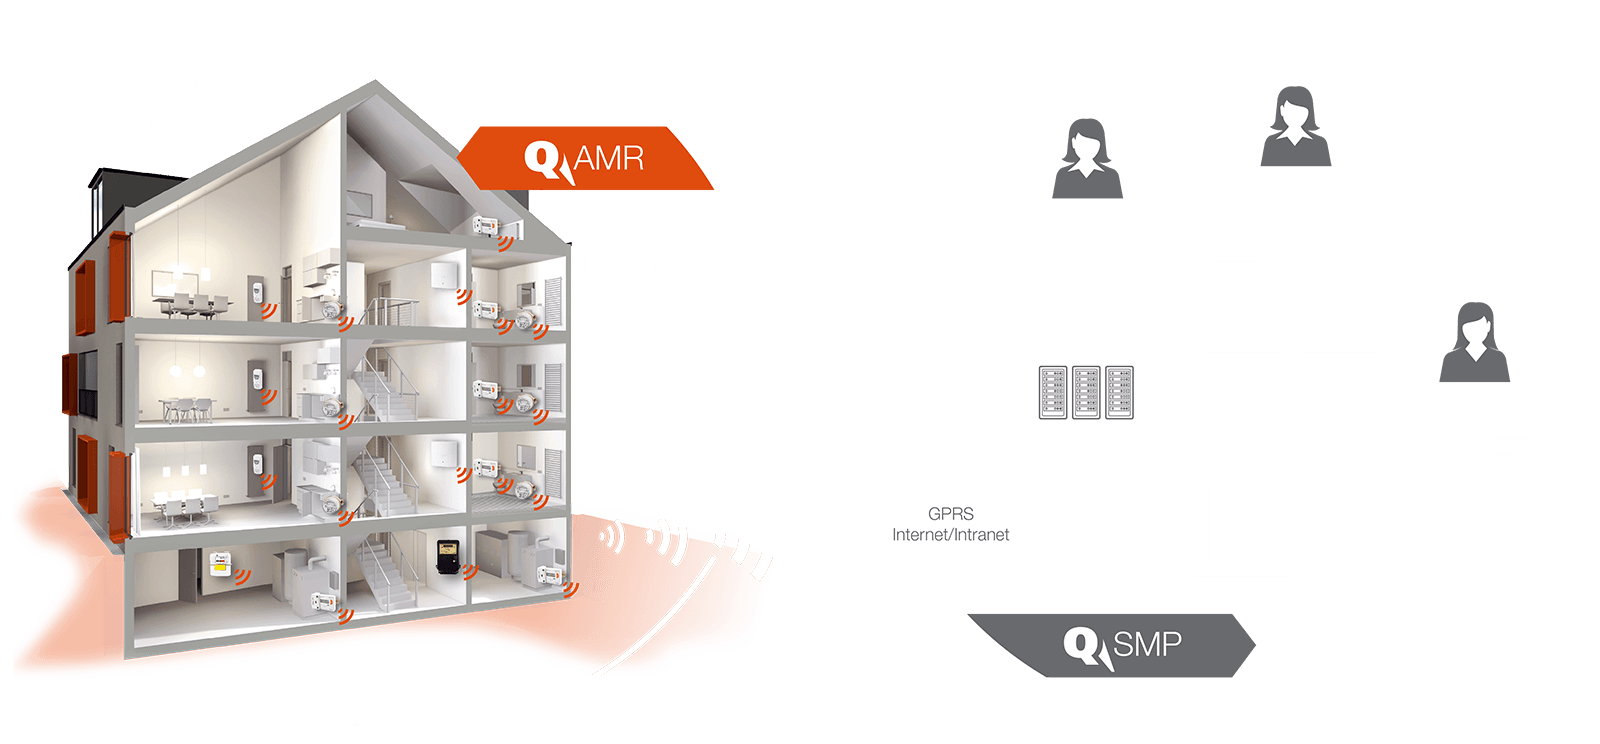 Grafik_System_AMR-SMP_fr_orange